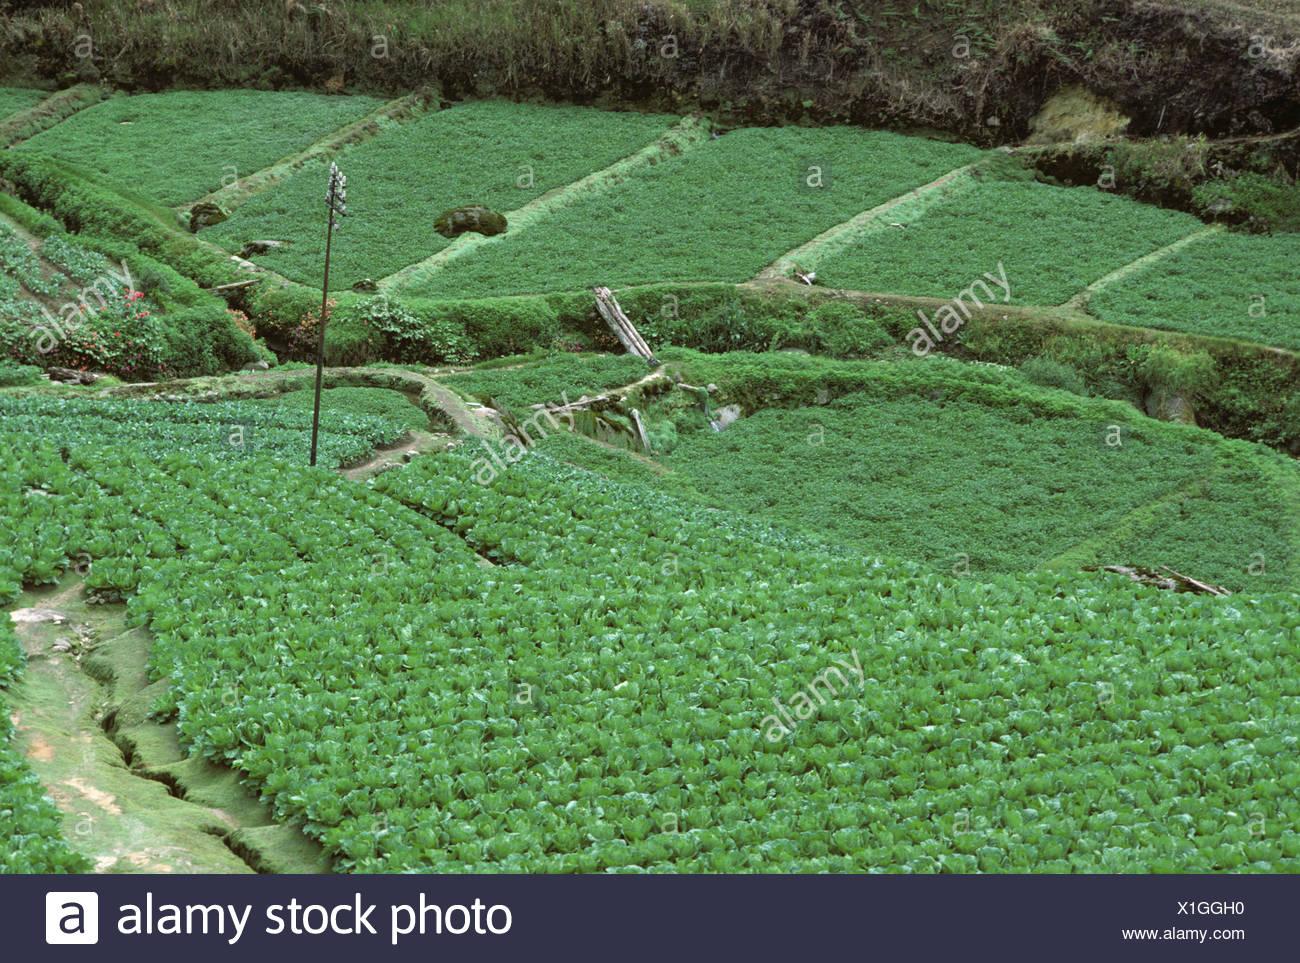 Cultivo De Hortalizas En Terrazas Con Coles Y Otros Cultivos